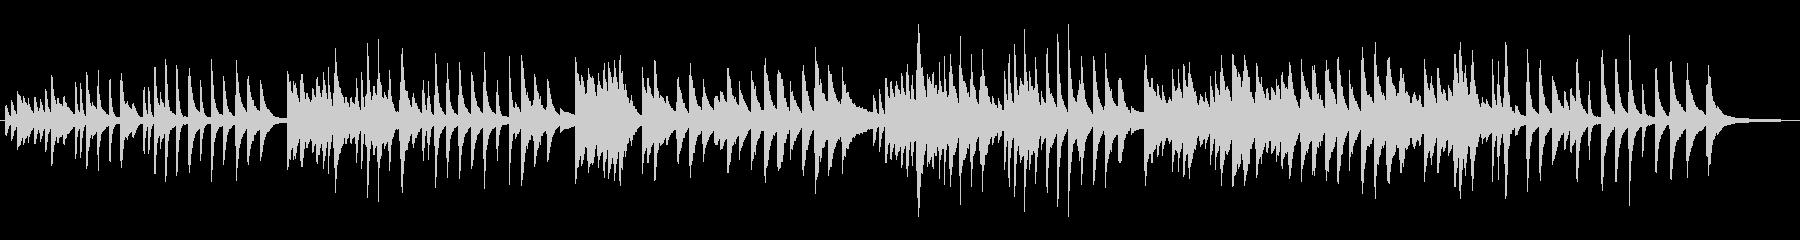 クリスマス「牧人ひつじを」ピアノソロの未再生の波形